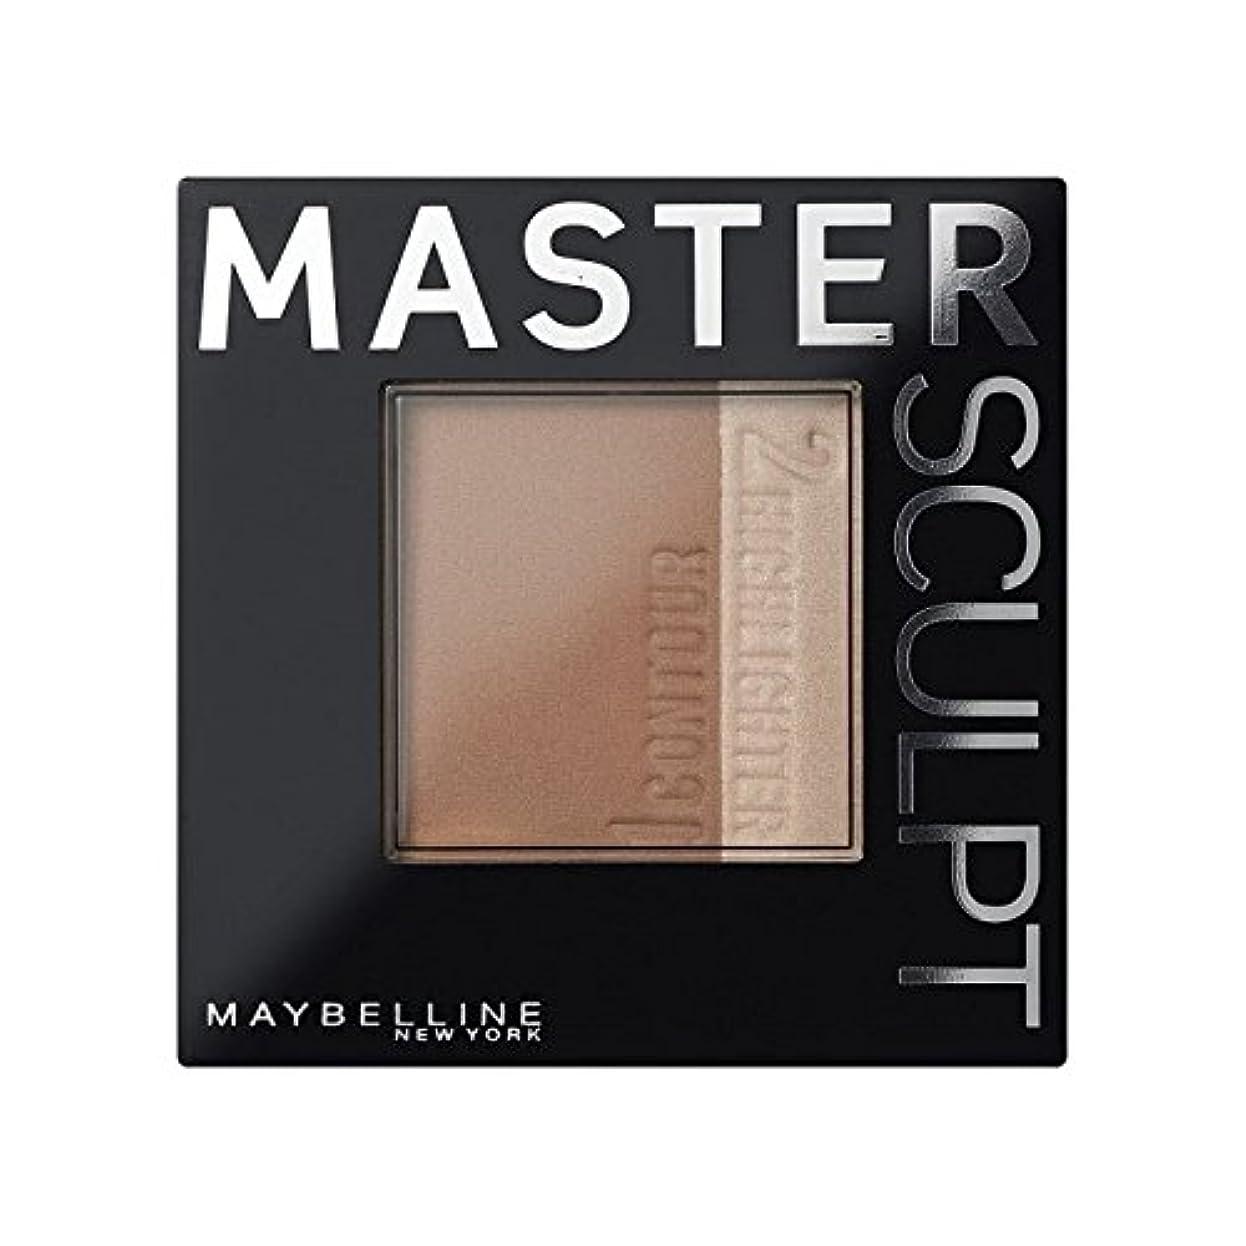 ちなみに帰るノイズメイベリンマスタースカルプト基盤02の /暗い輪郭 x2 - Maybelline Master Sculpt Contouring Foundation 02 Med/Dark (Pack of 2) [並行輸入品]